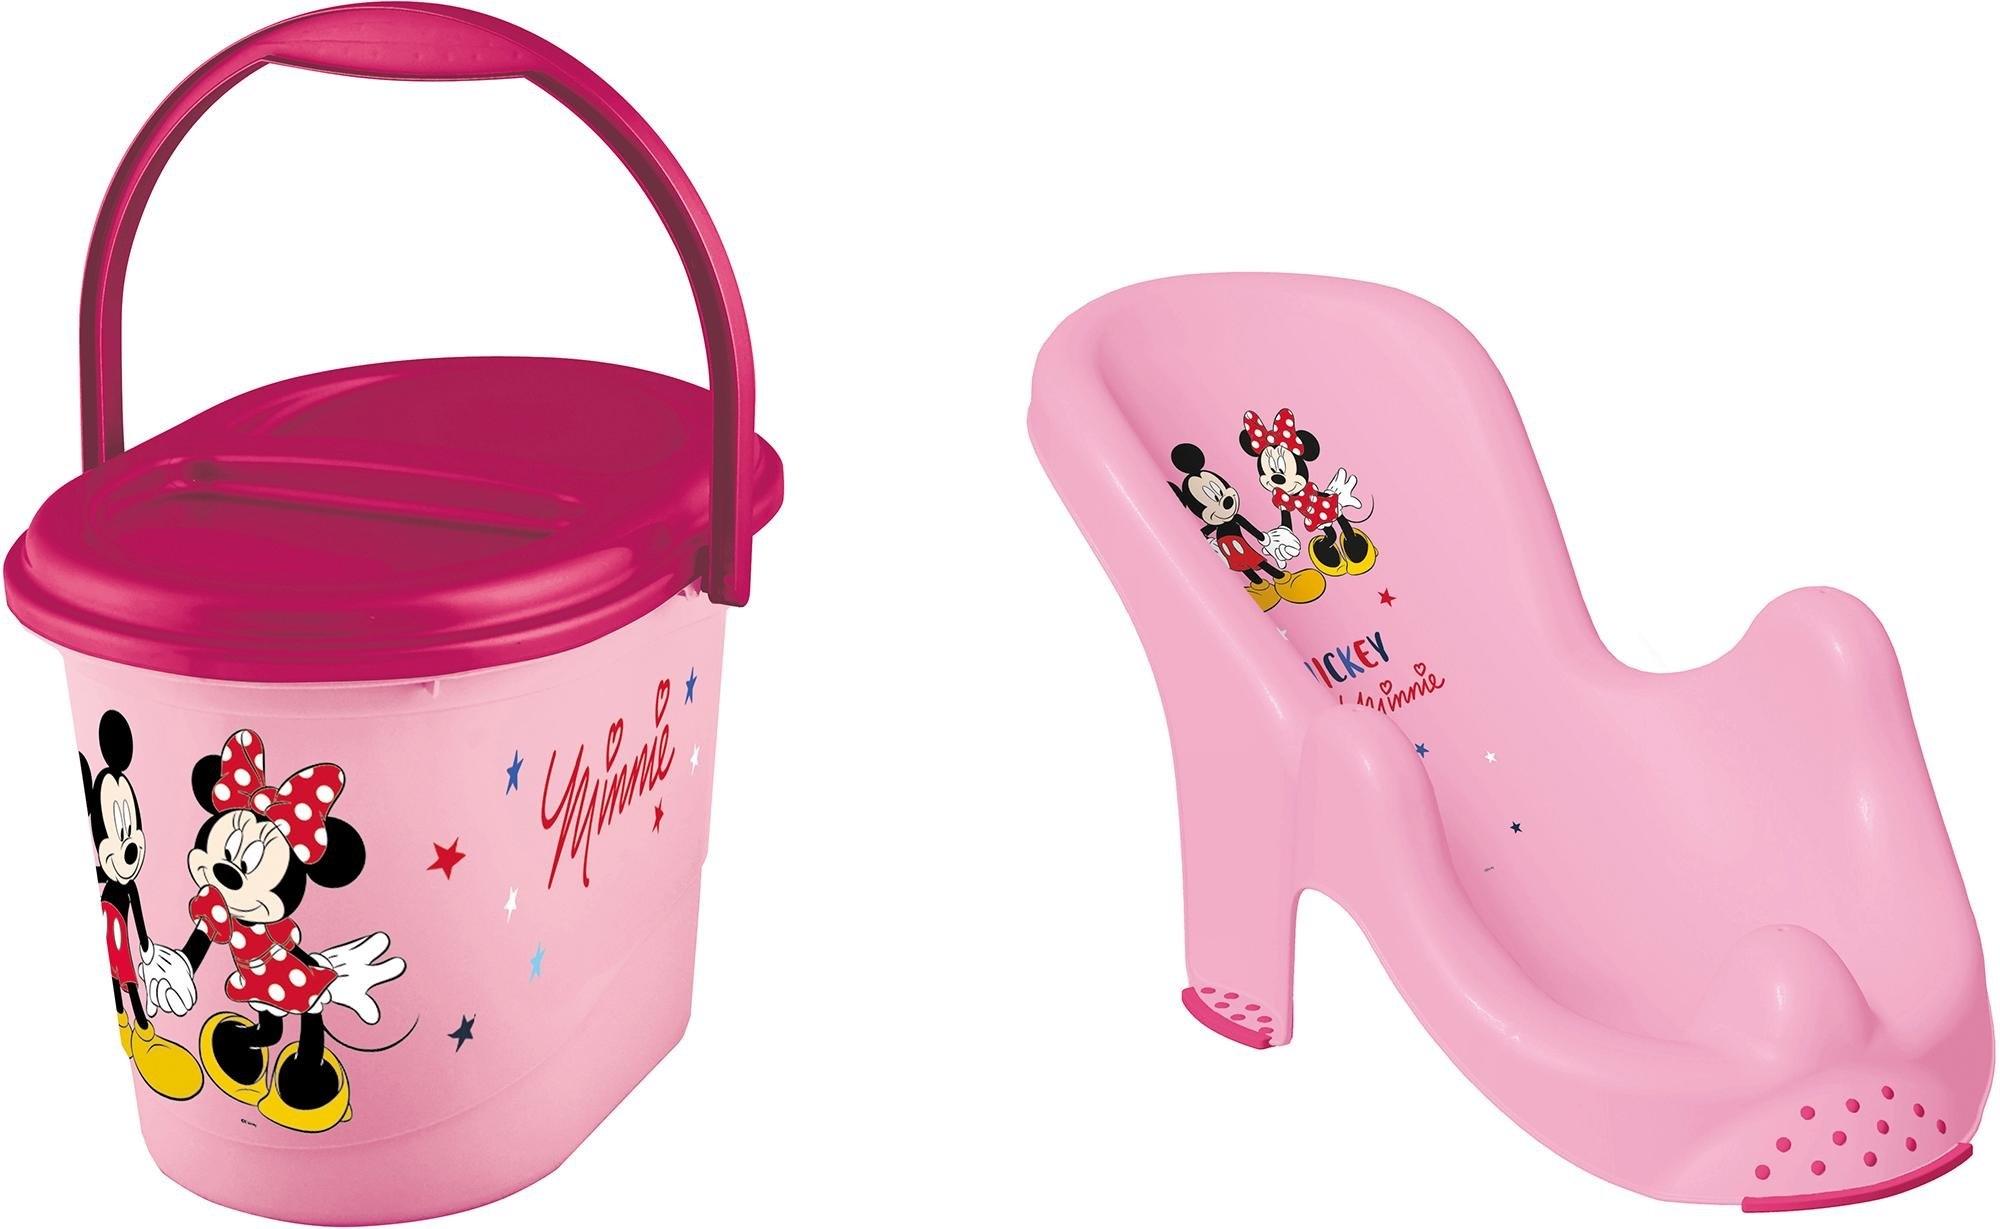 keeeper 2-delige verzorgingsset voor kinderen bestaand uit badzitje en luieremmer, »Minnie Mouse« online kopen op otto.nl